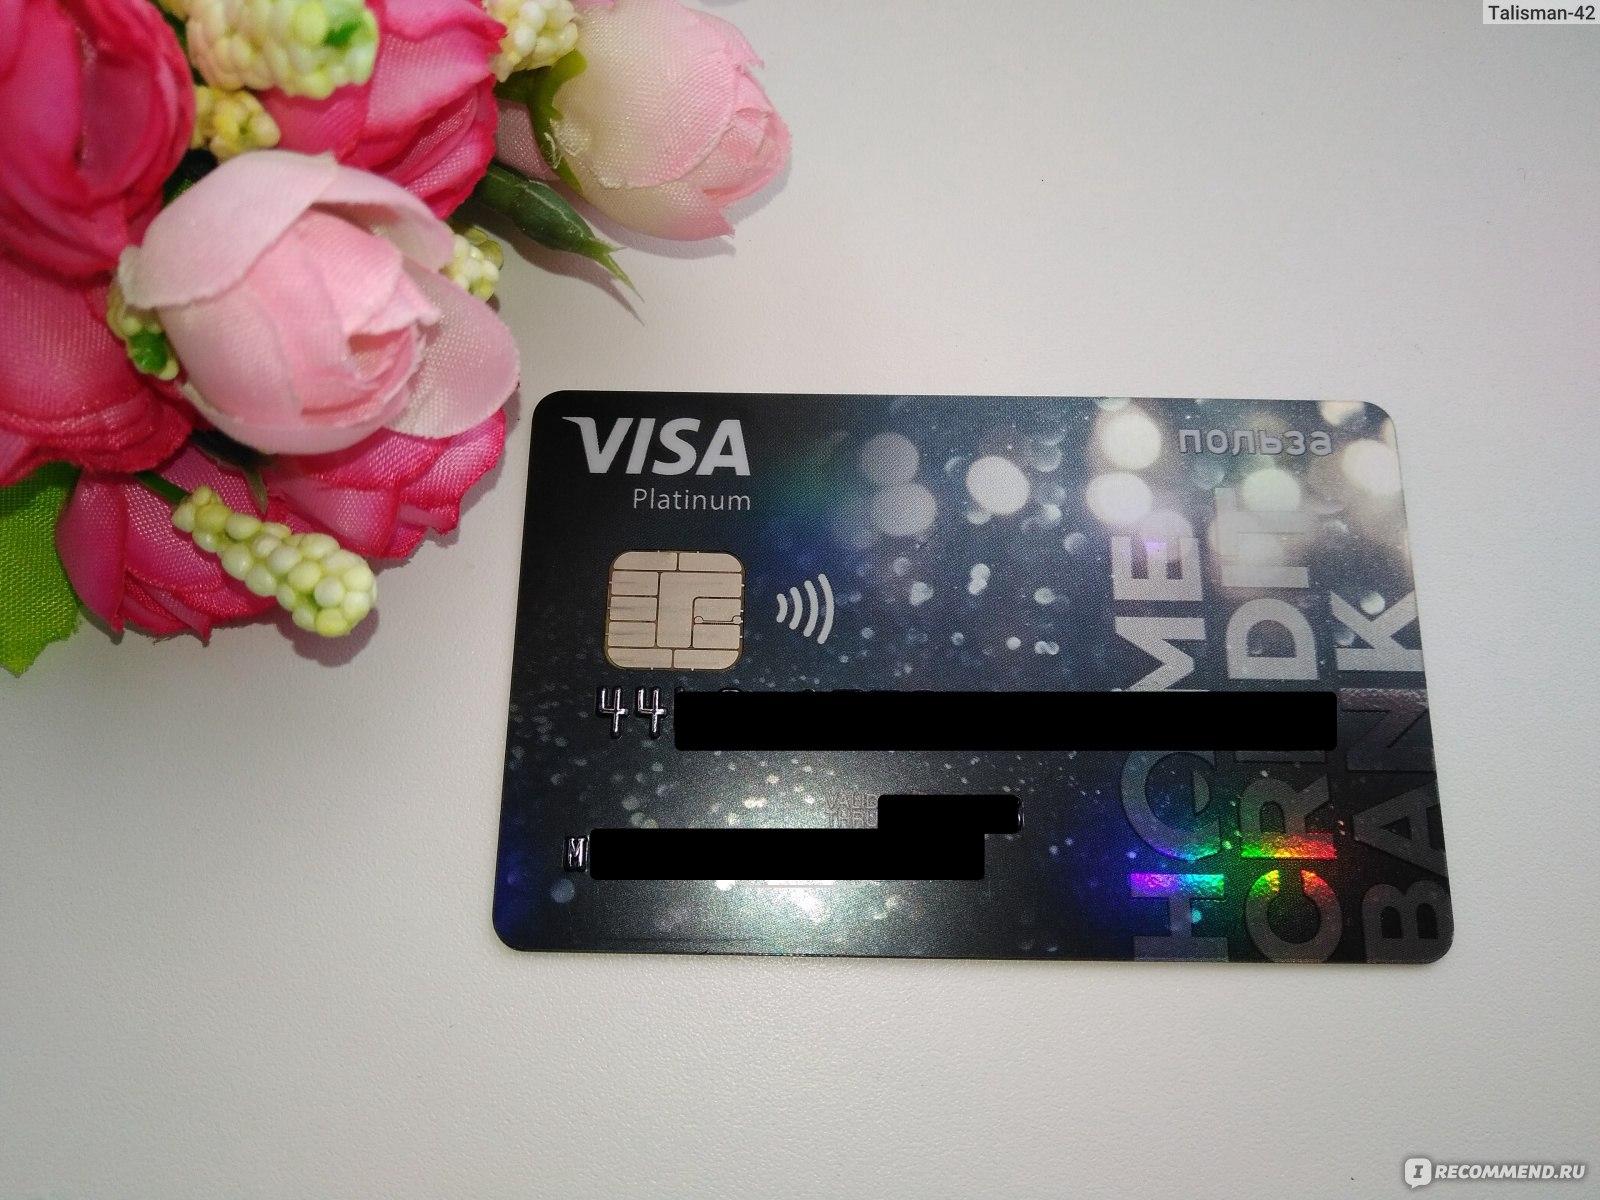 Как перевести деньги с телефона мегафон на другой телефон без комиссии